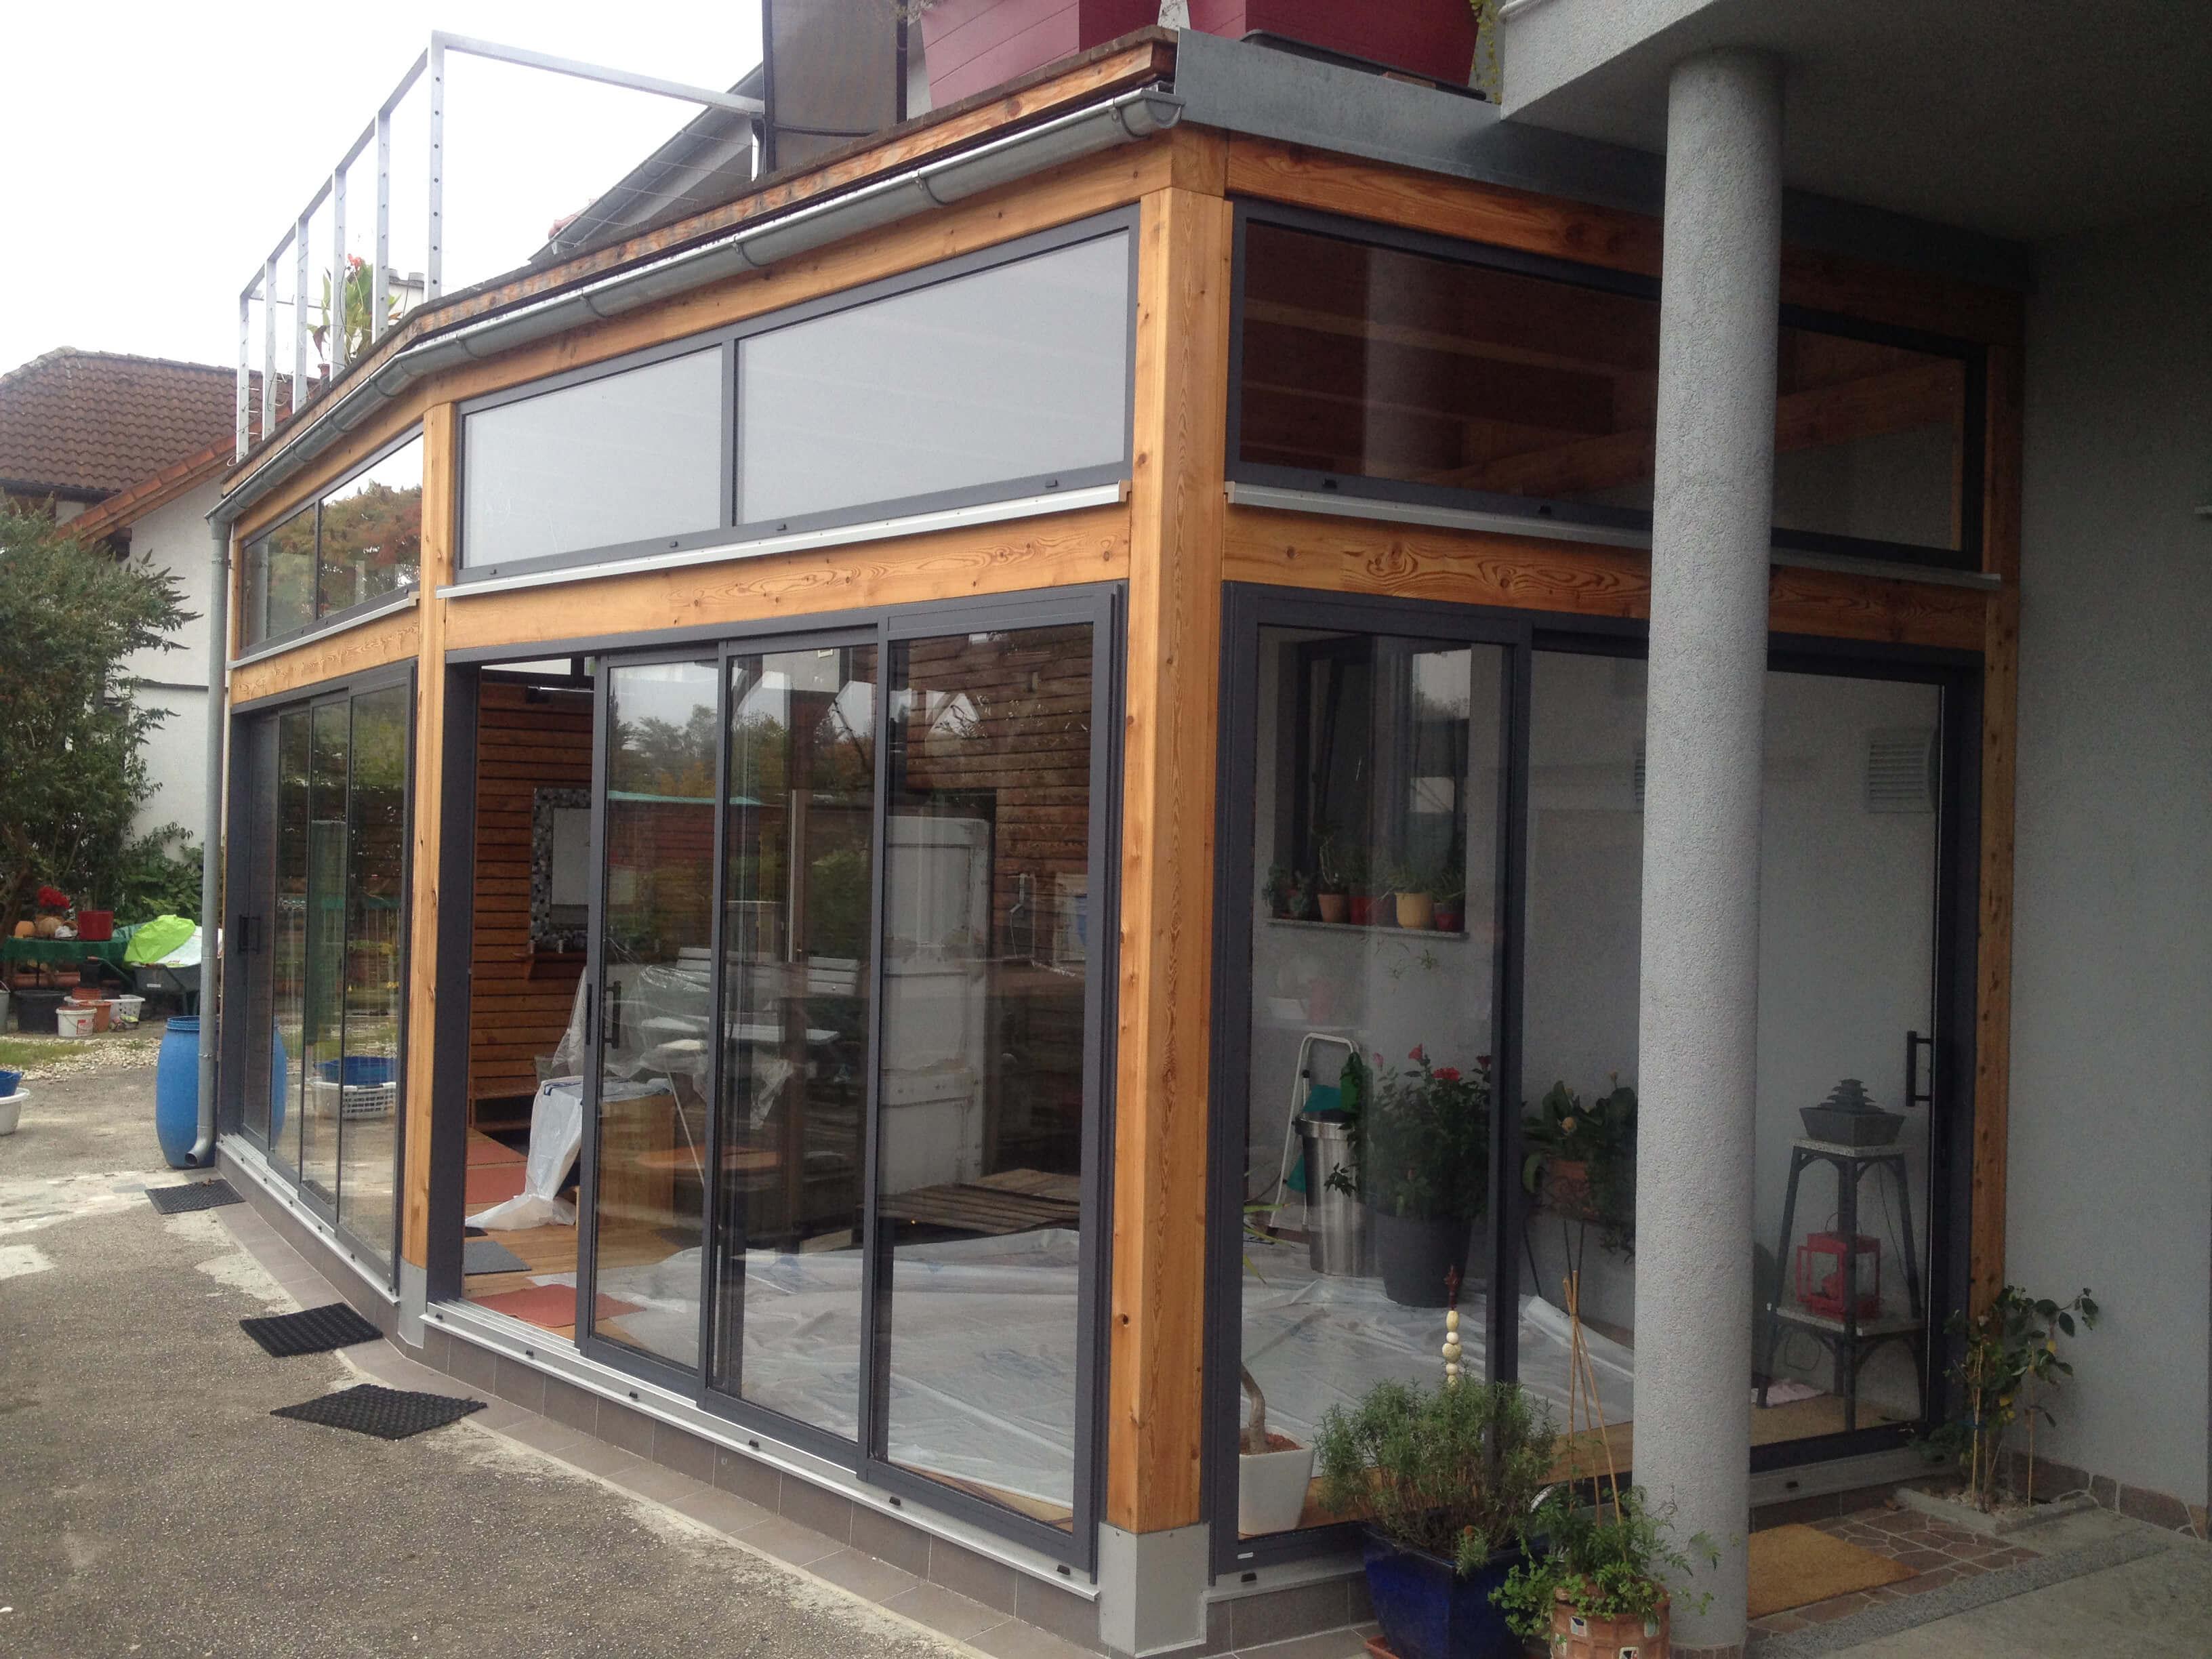 Anbau mit Schiebefenster in Holzkonstruktion